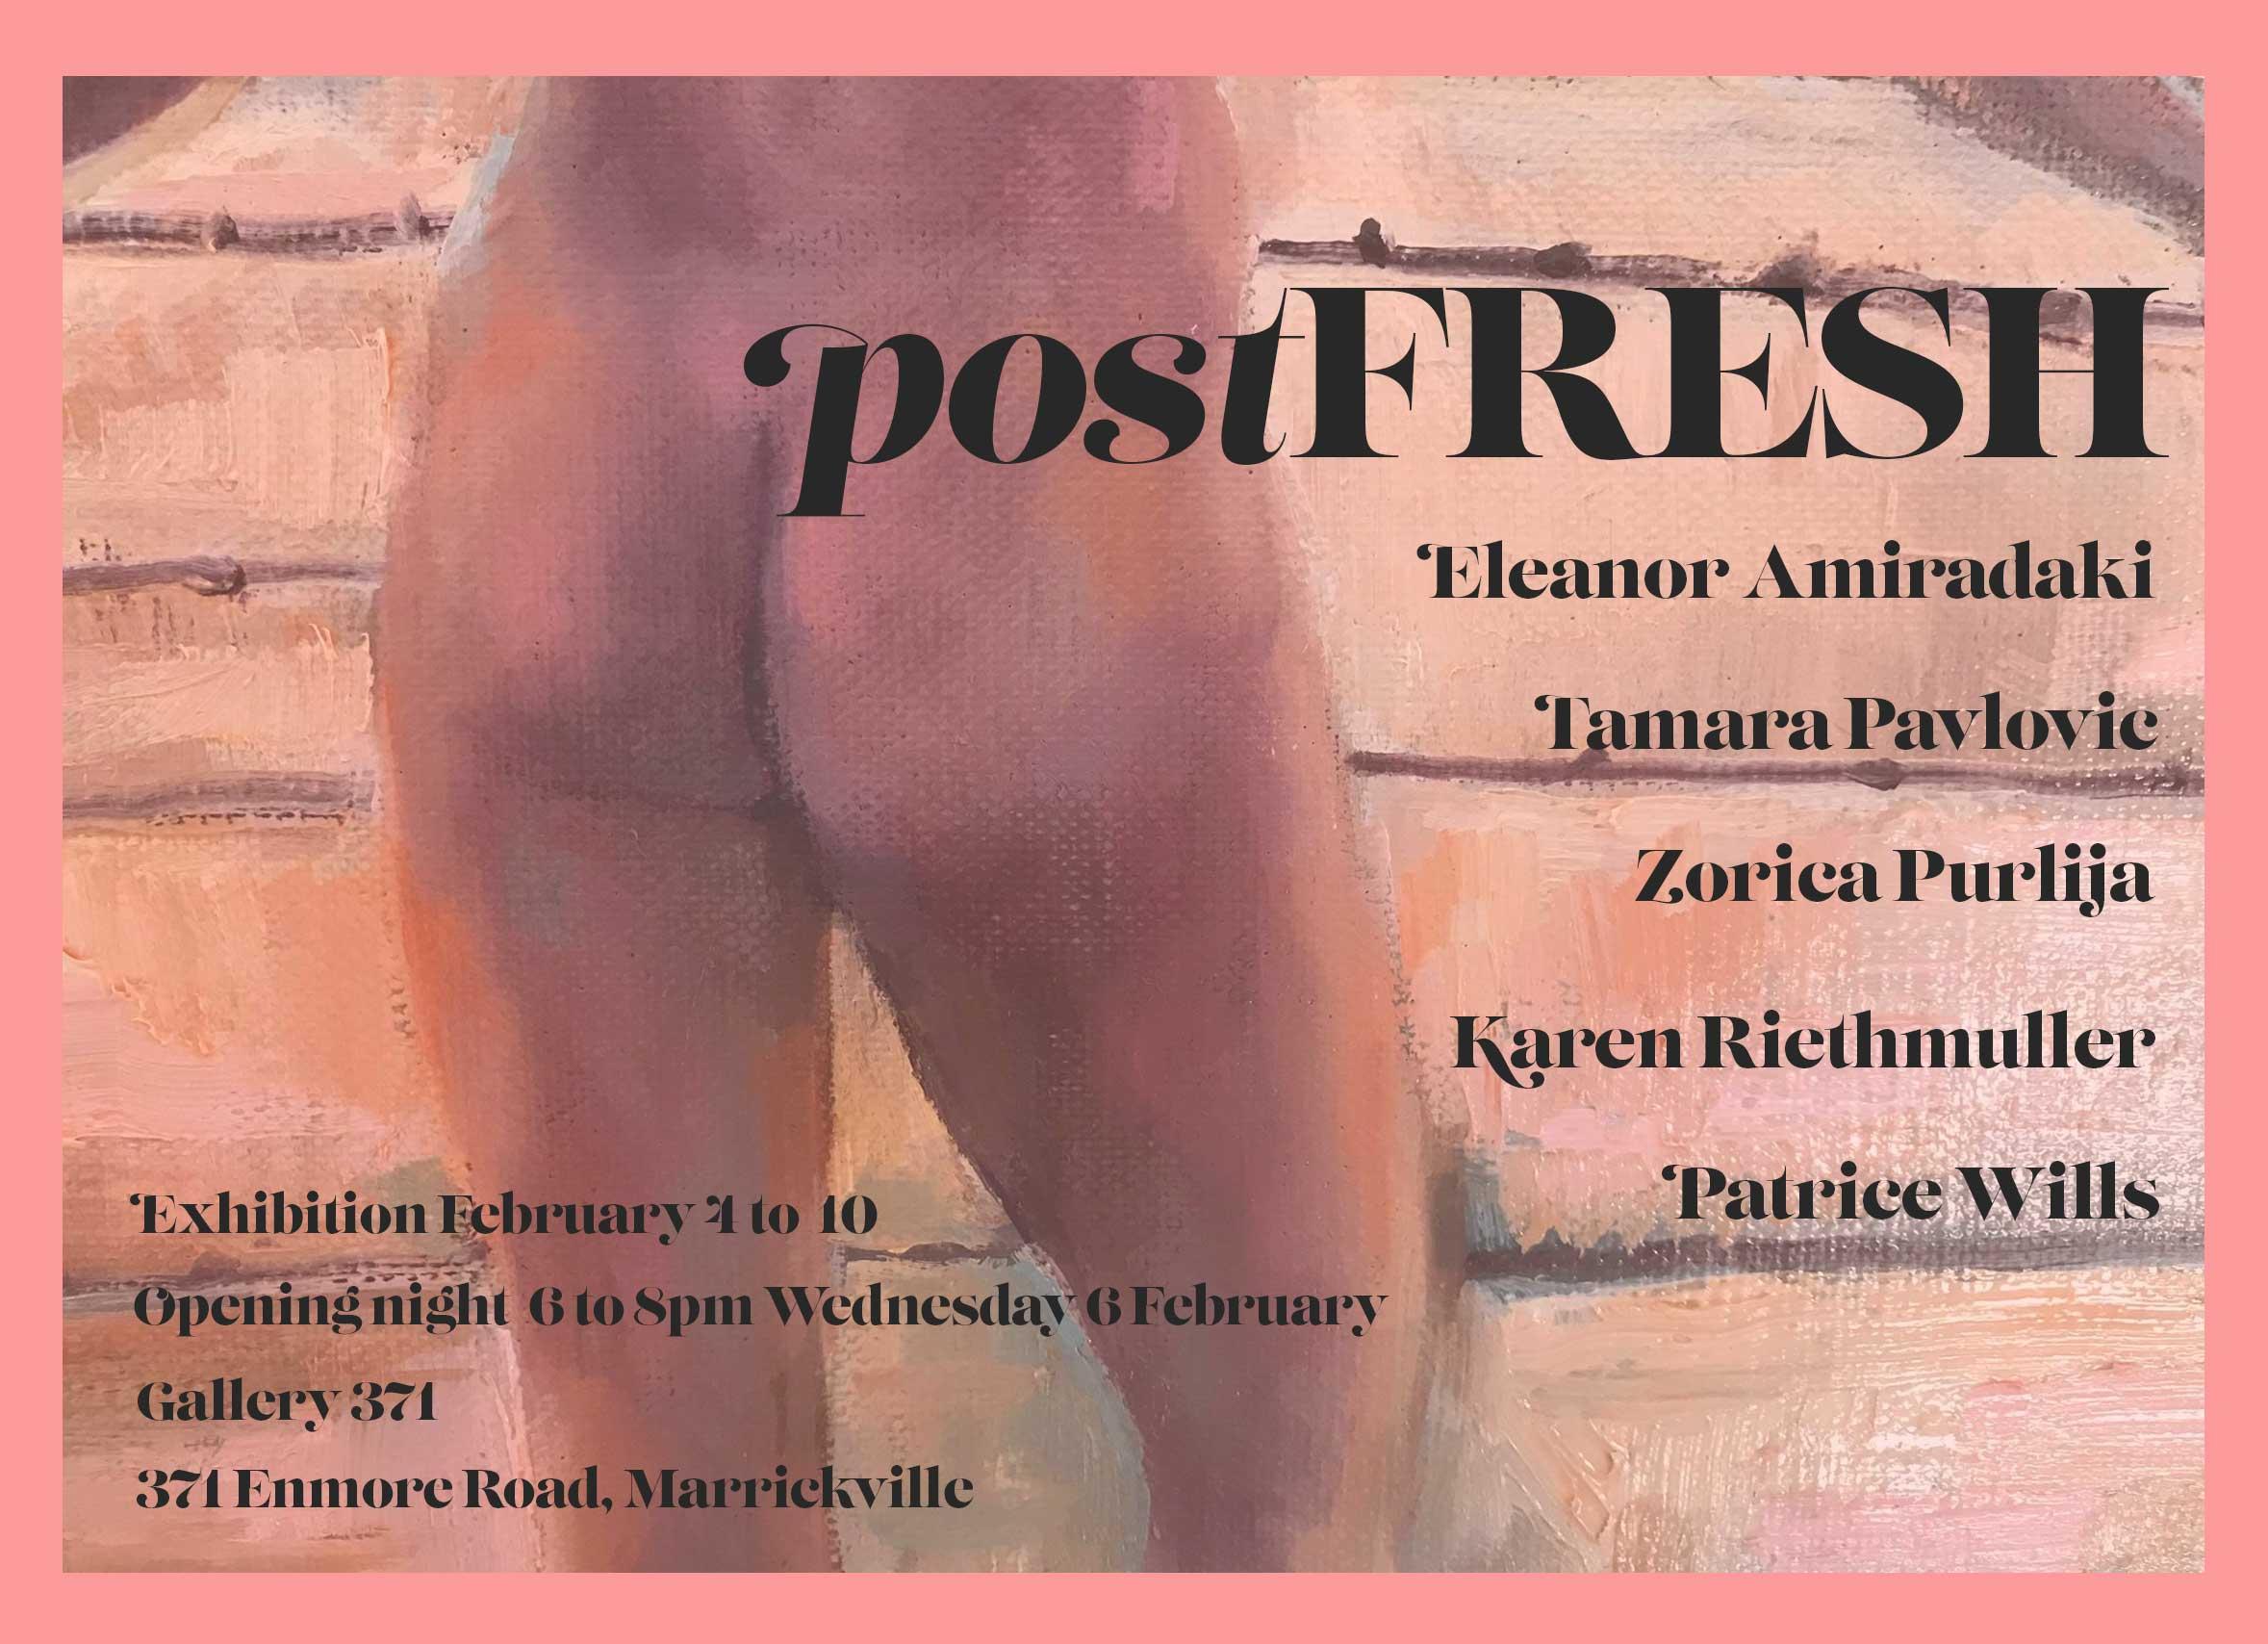 PostFRESH 2019